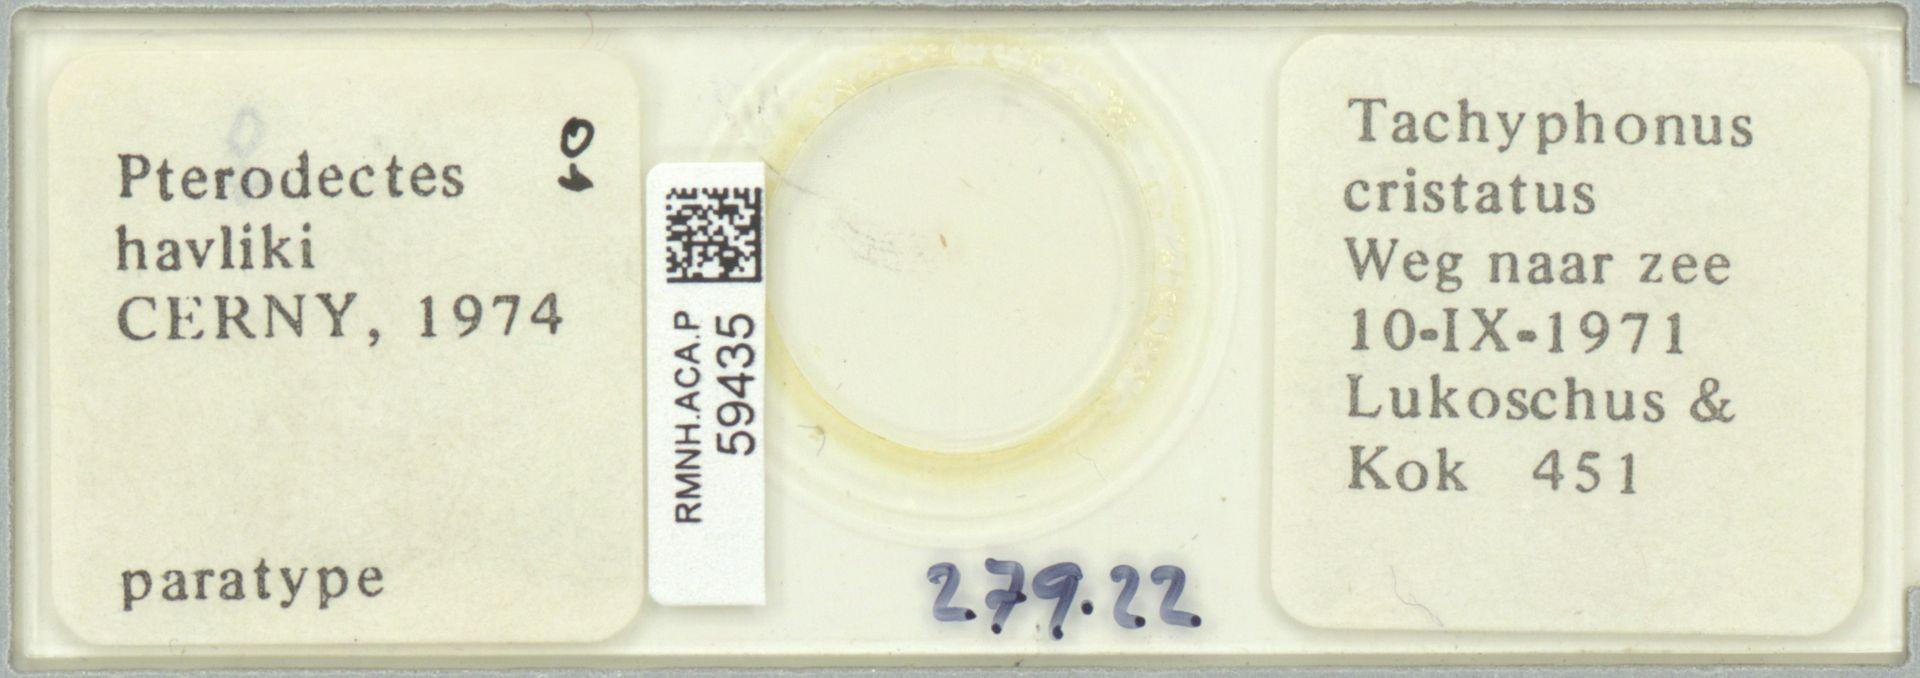 RMNH.ACA.P.59435 | Pterodectes havliki Cerny, 1974